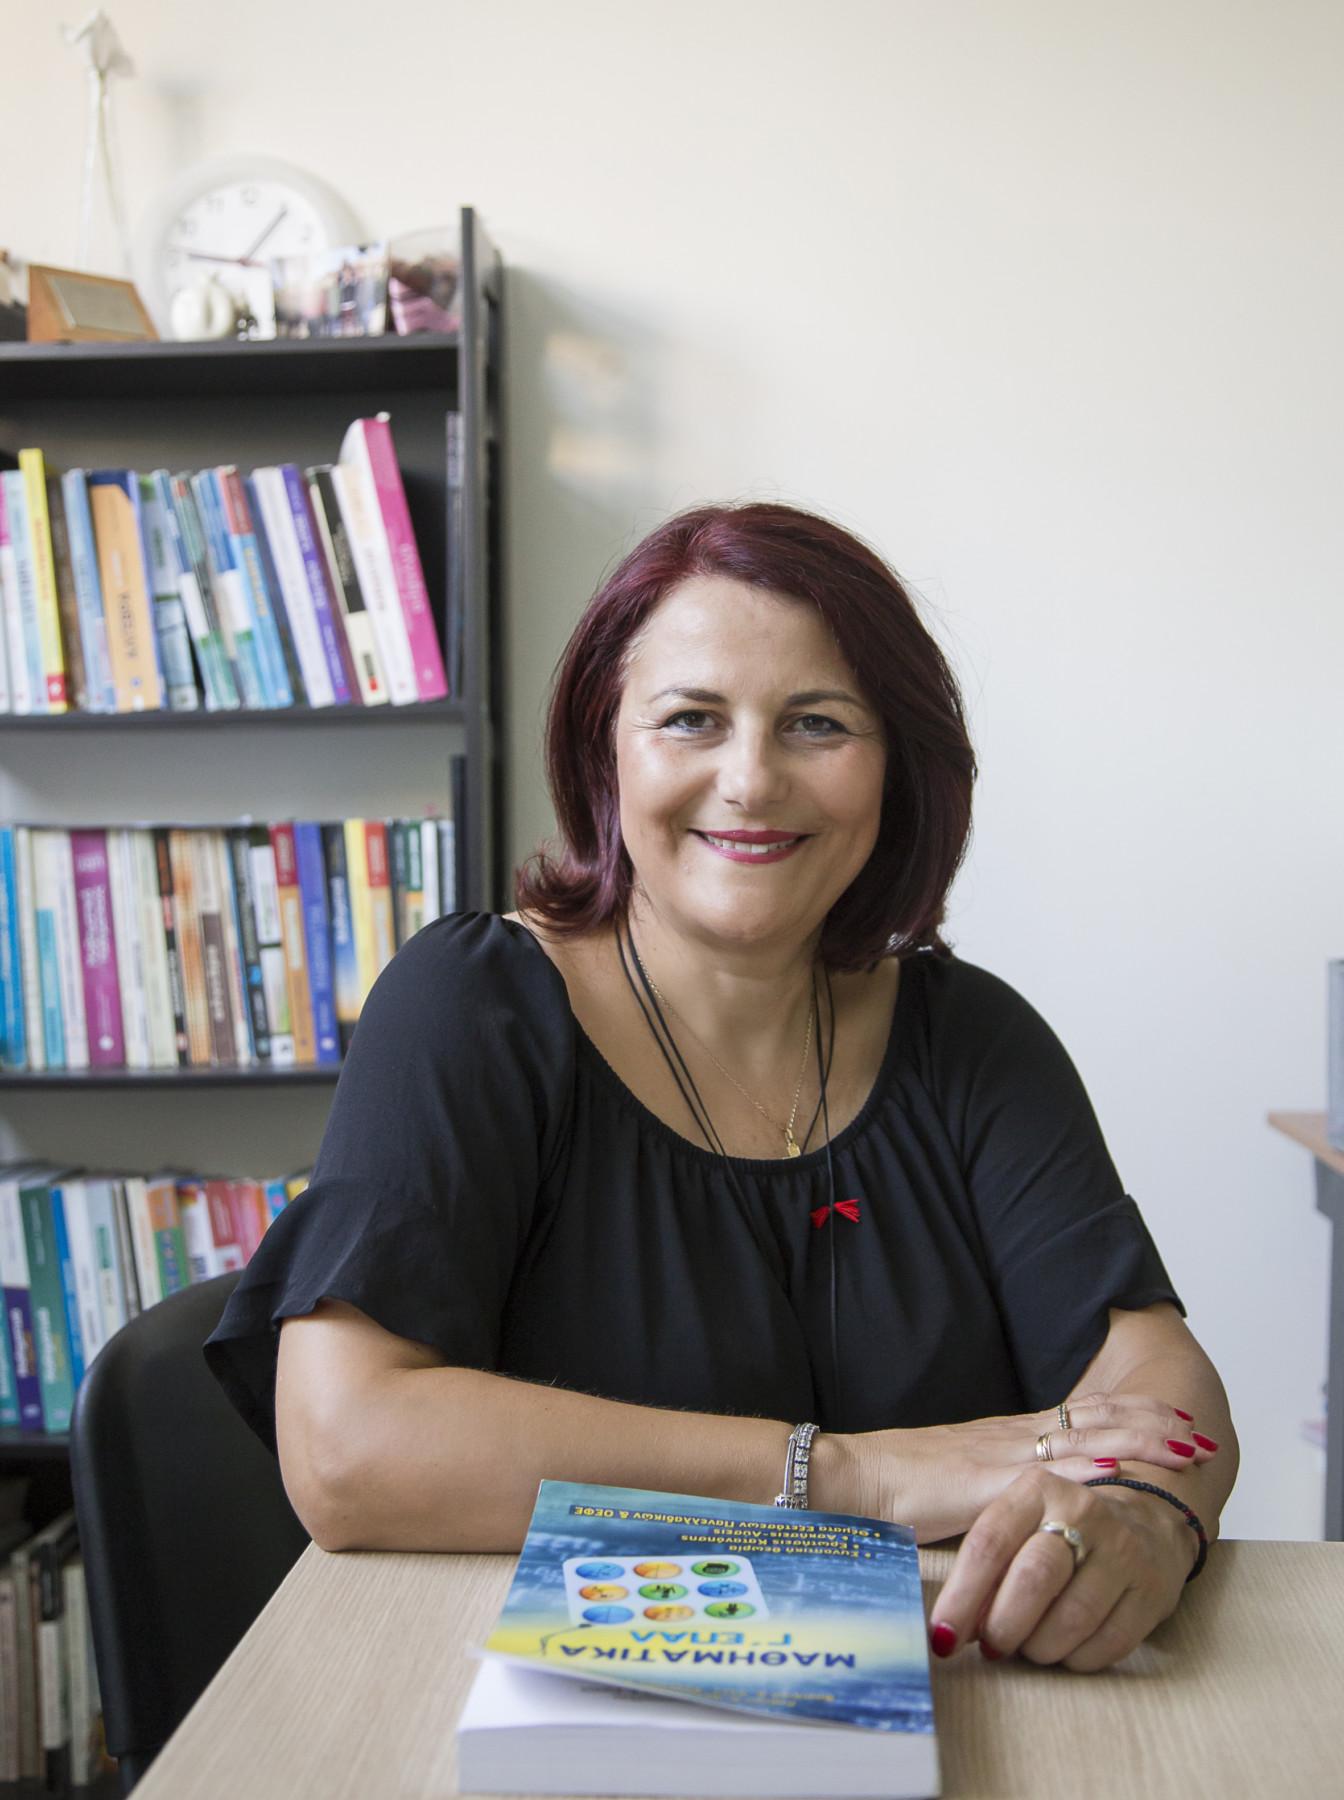 Η κα Βάσω Λαλέ είναι ιδιοκτήτρια του Φροντιστηρίου «Προοπτική»